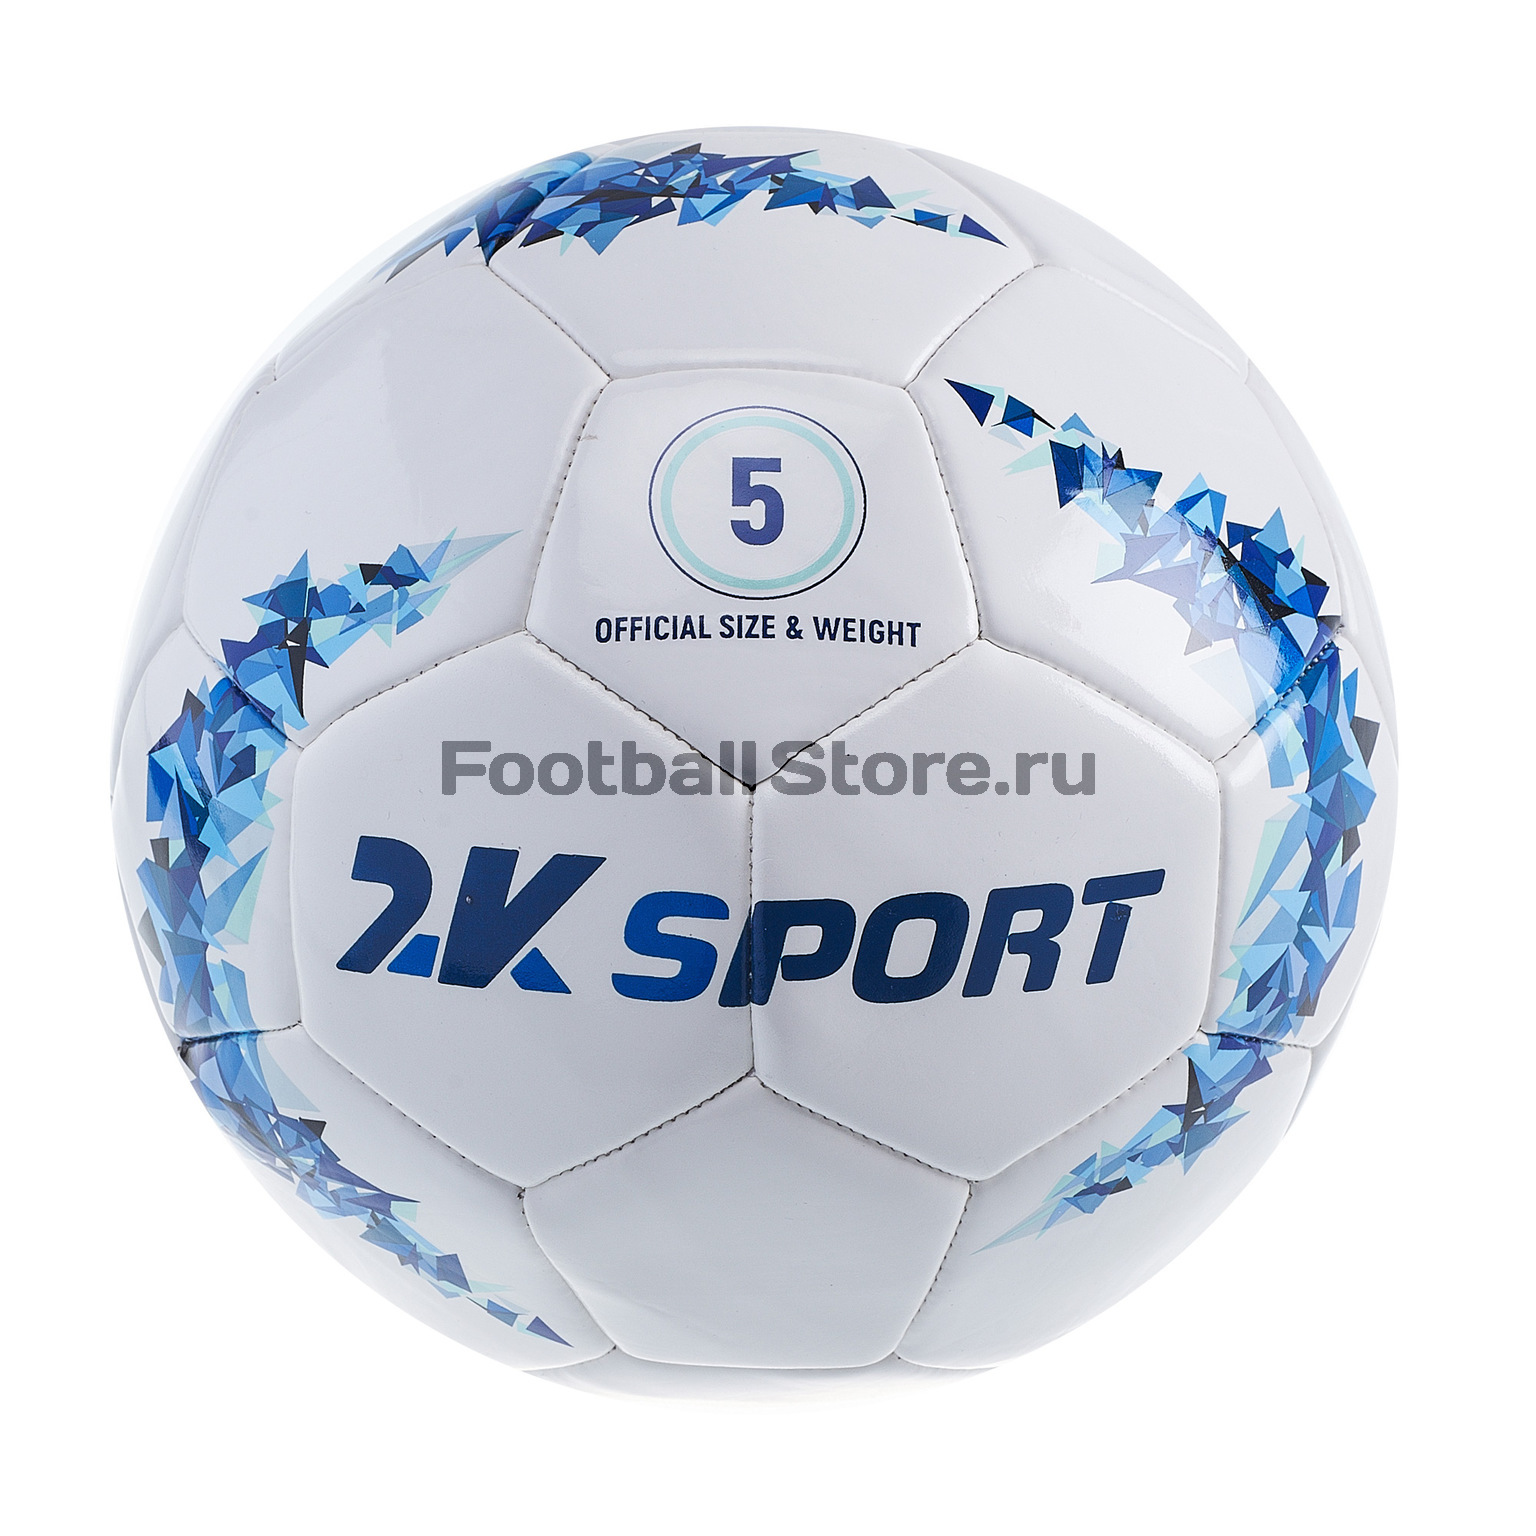 Футбольный мяч 2K Sport Crystal Optimal 127086 мяч футбольный 2k sport advance цвет белый оранжевый размер 5